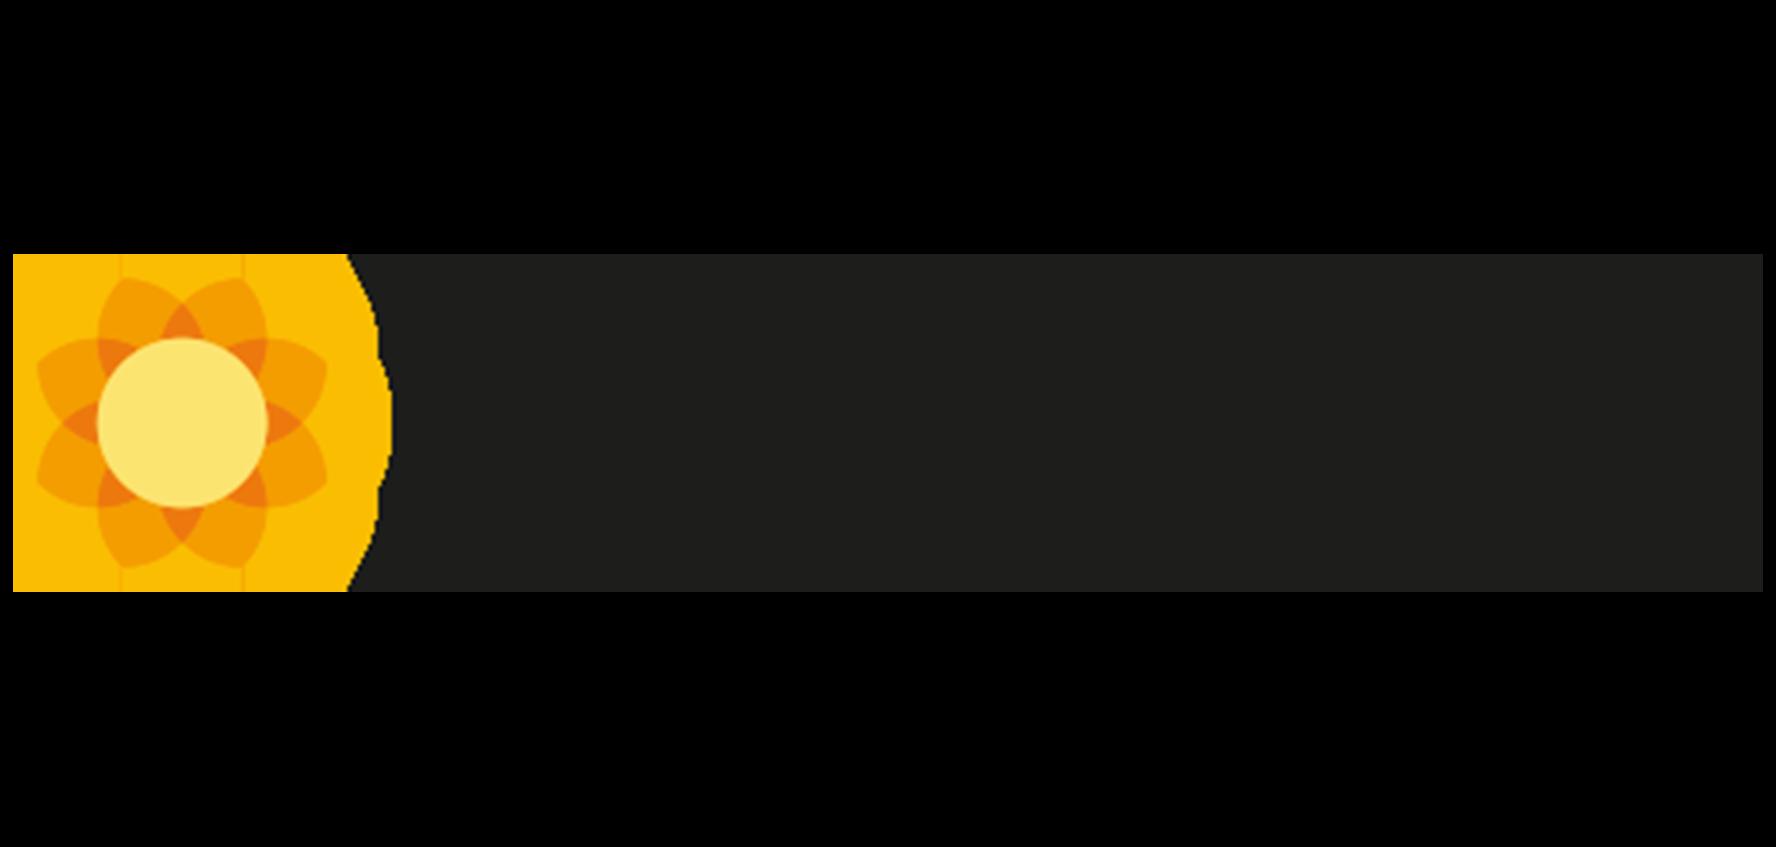 birminghamchildrenstrust